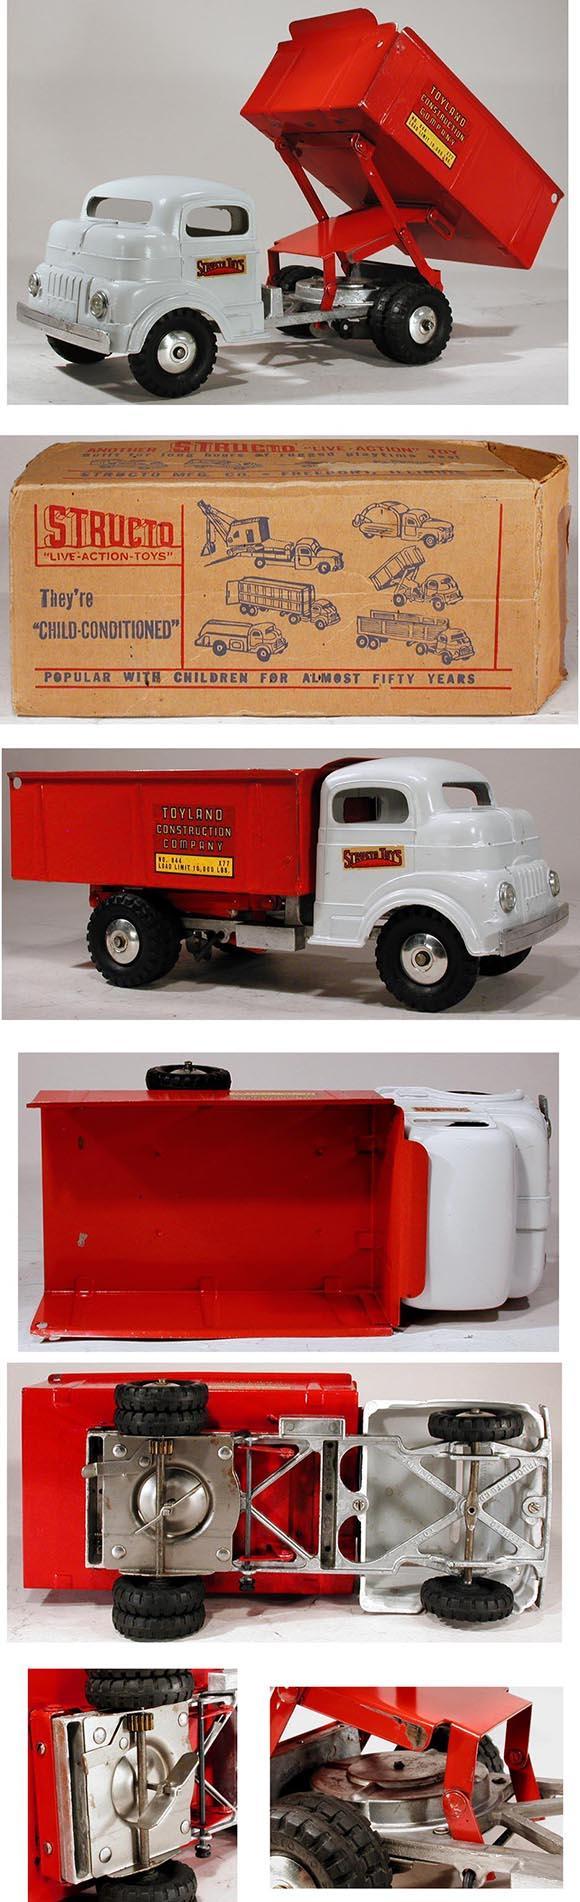 Details Toydb 1951 1952 Ford Dump Trucks Structo Hi Lift Toyland Truck Wind Up In Original Box